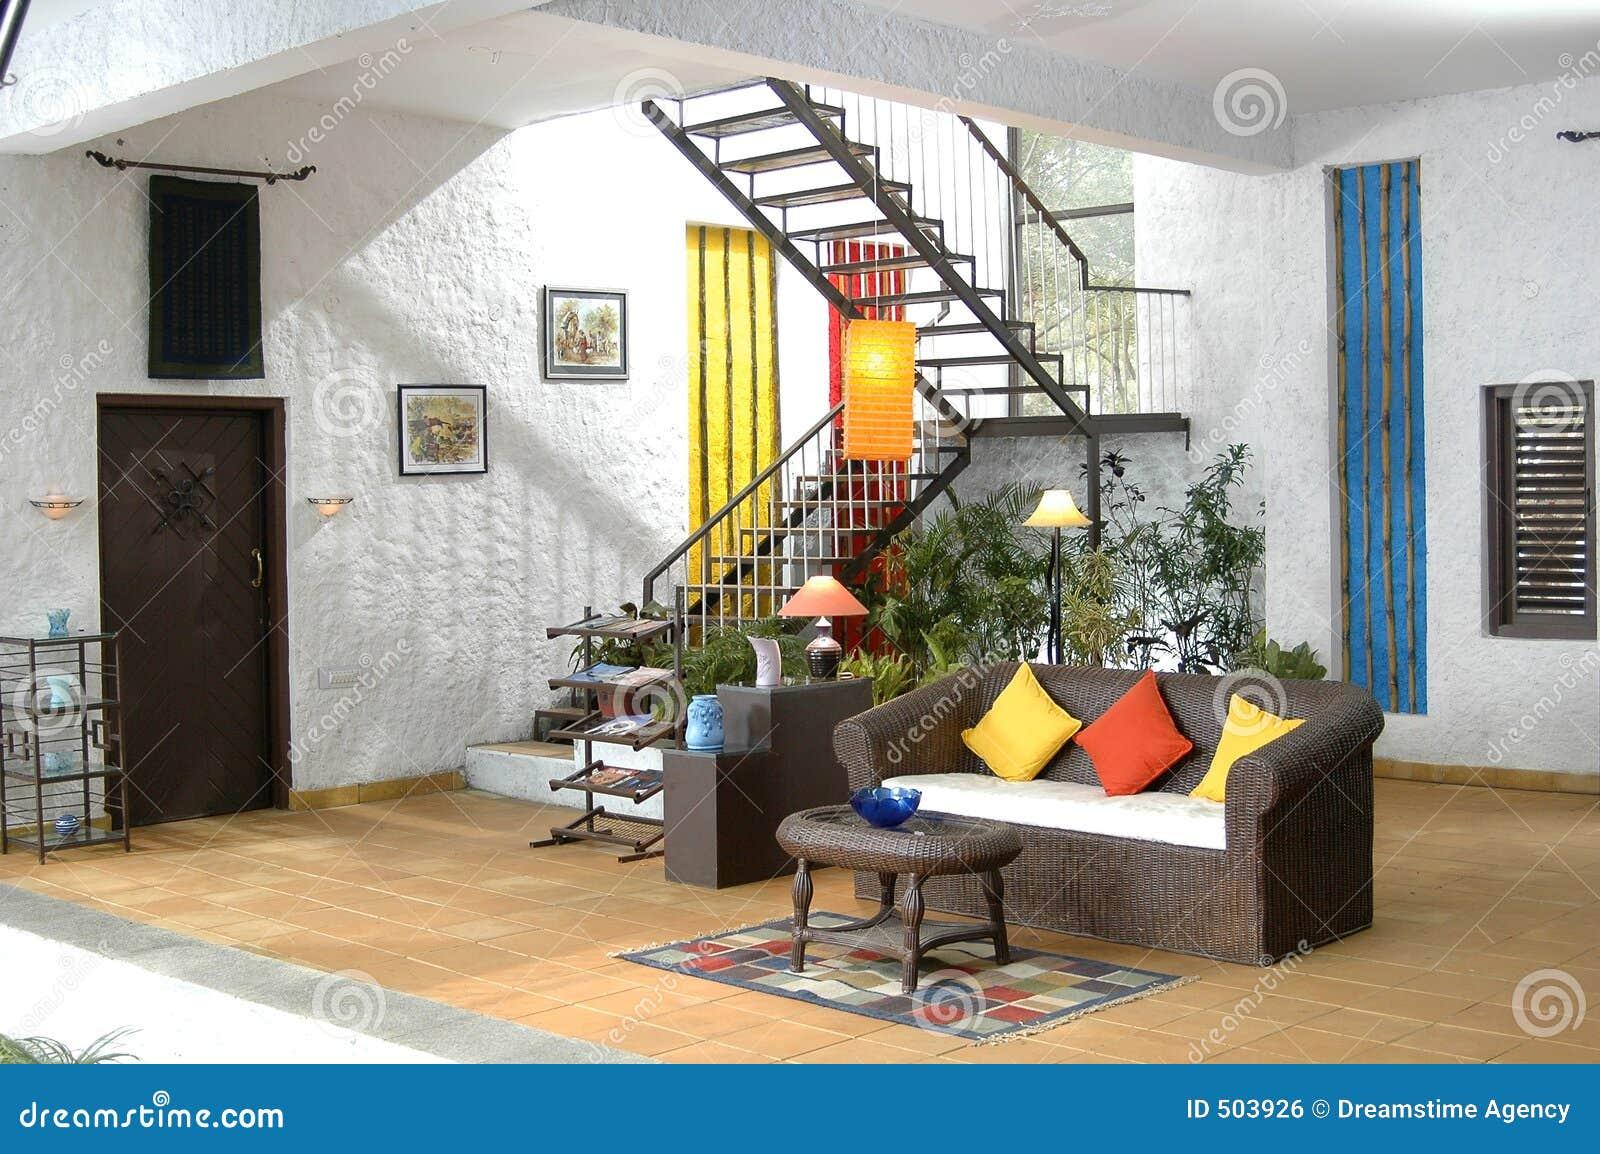 10 x 14 living room arrangement